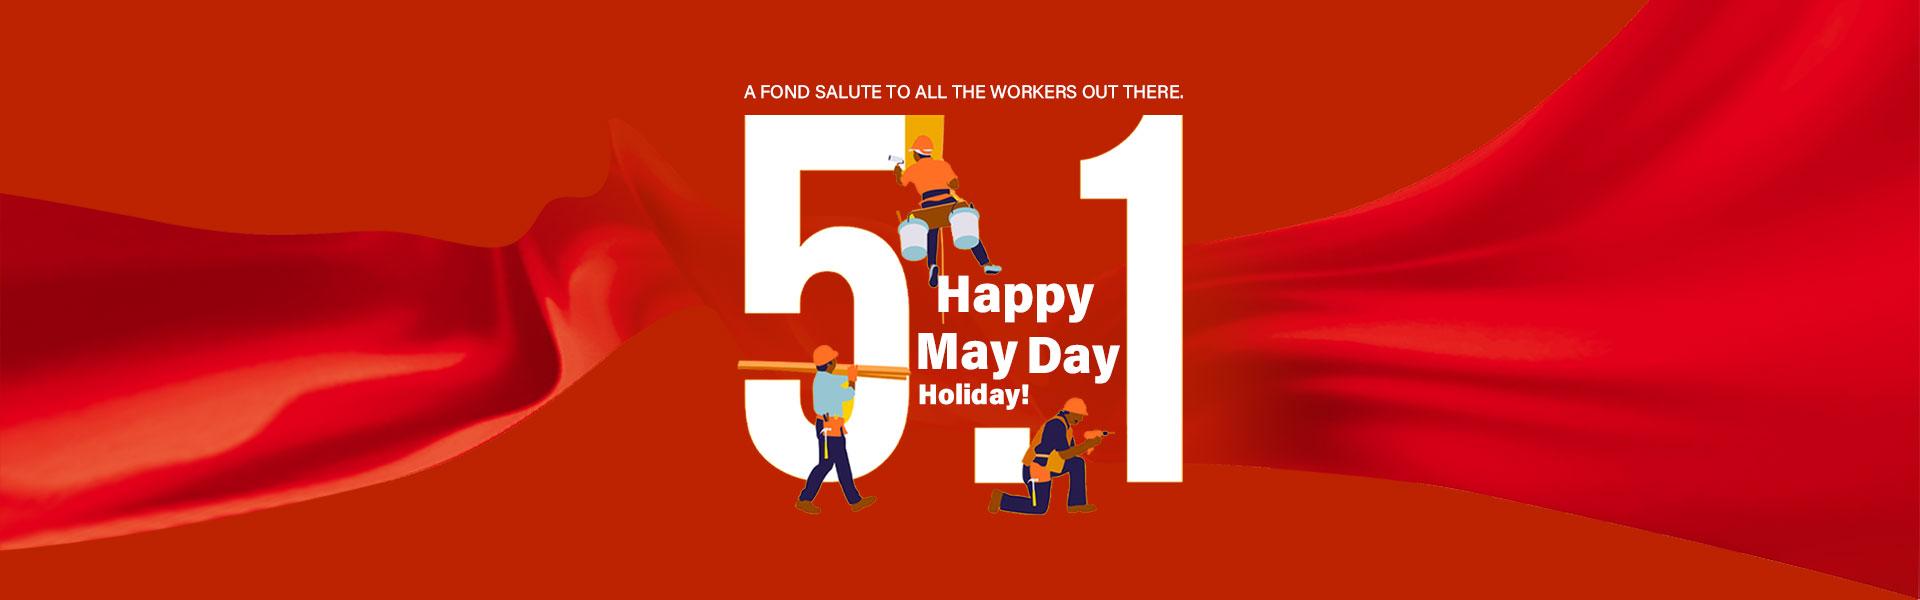 May Day holiday.jpg